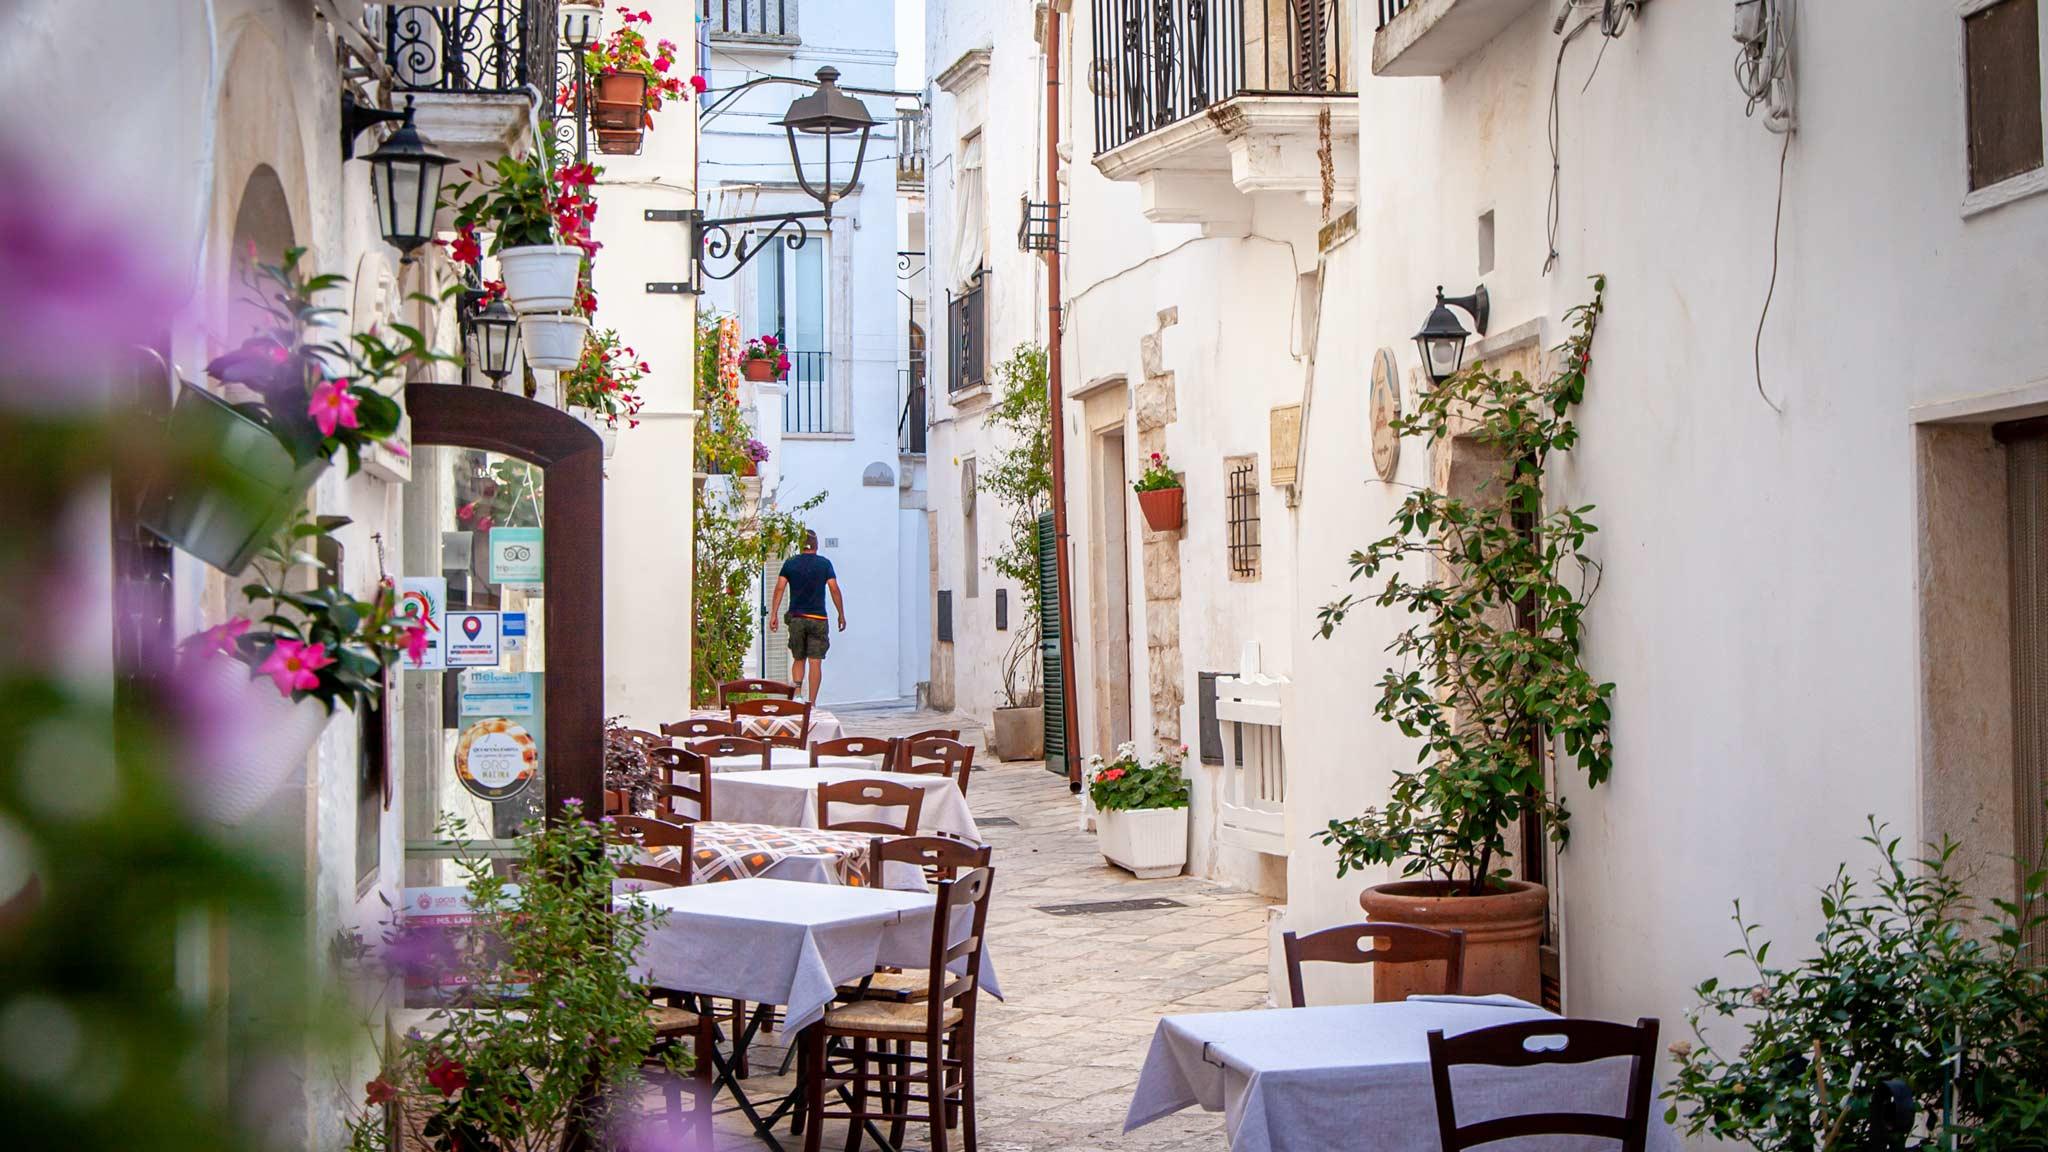 Un restaurante al aire libre en las calles blancas de Locorotondo Puglia